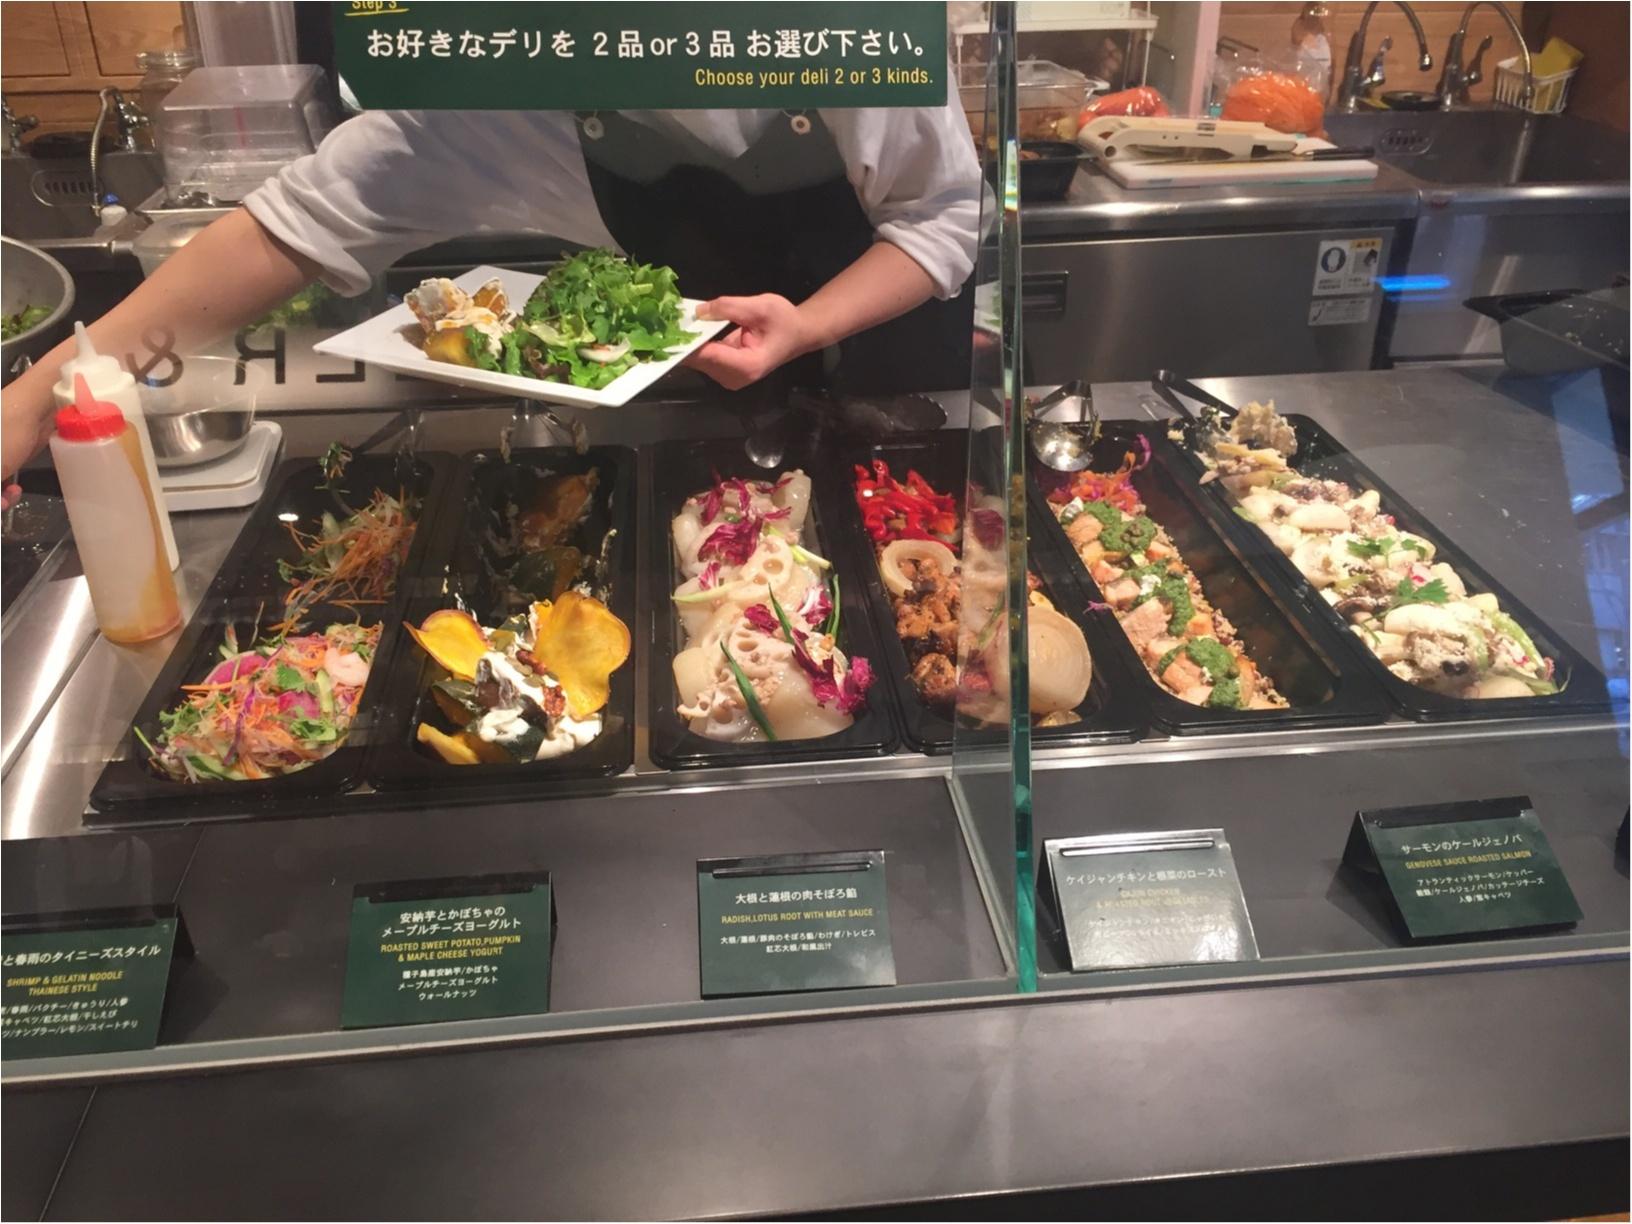 NYスタイルのお洒落なフードホール『EBISU FOOD HALL』が恵比寿にOpen✨≪samenyan≫_13